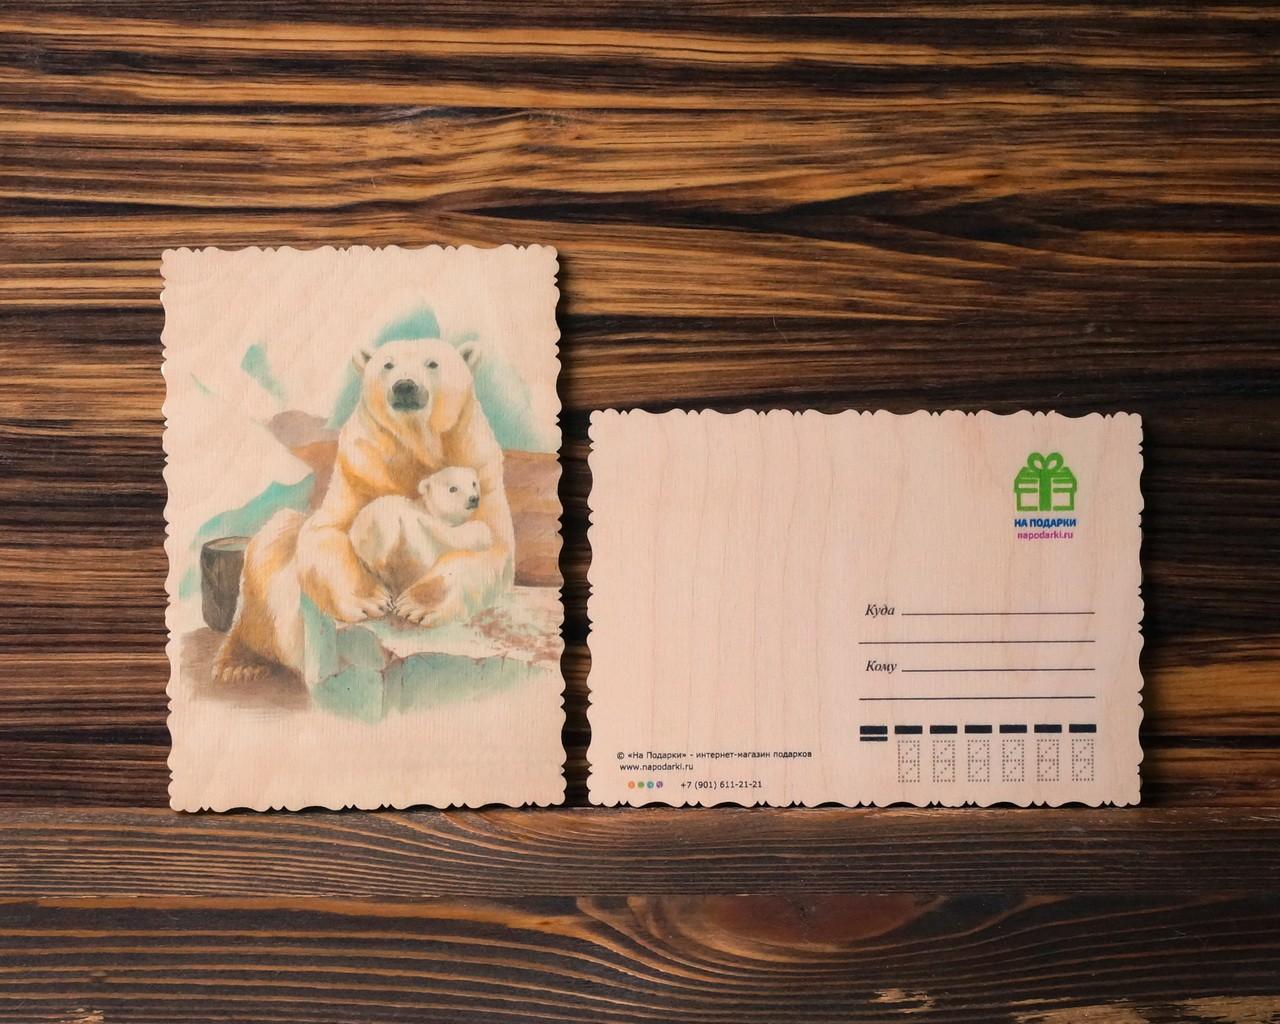 """Деревянная открытка """"Белая медведица с медвежонком"""" Анастасии Марченко"""